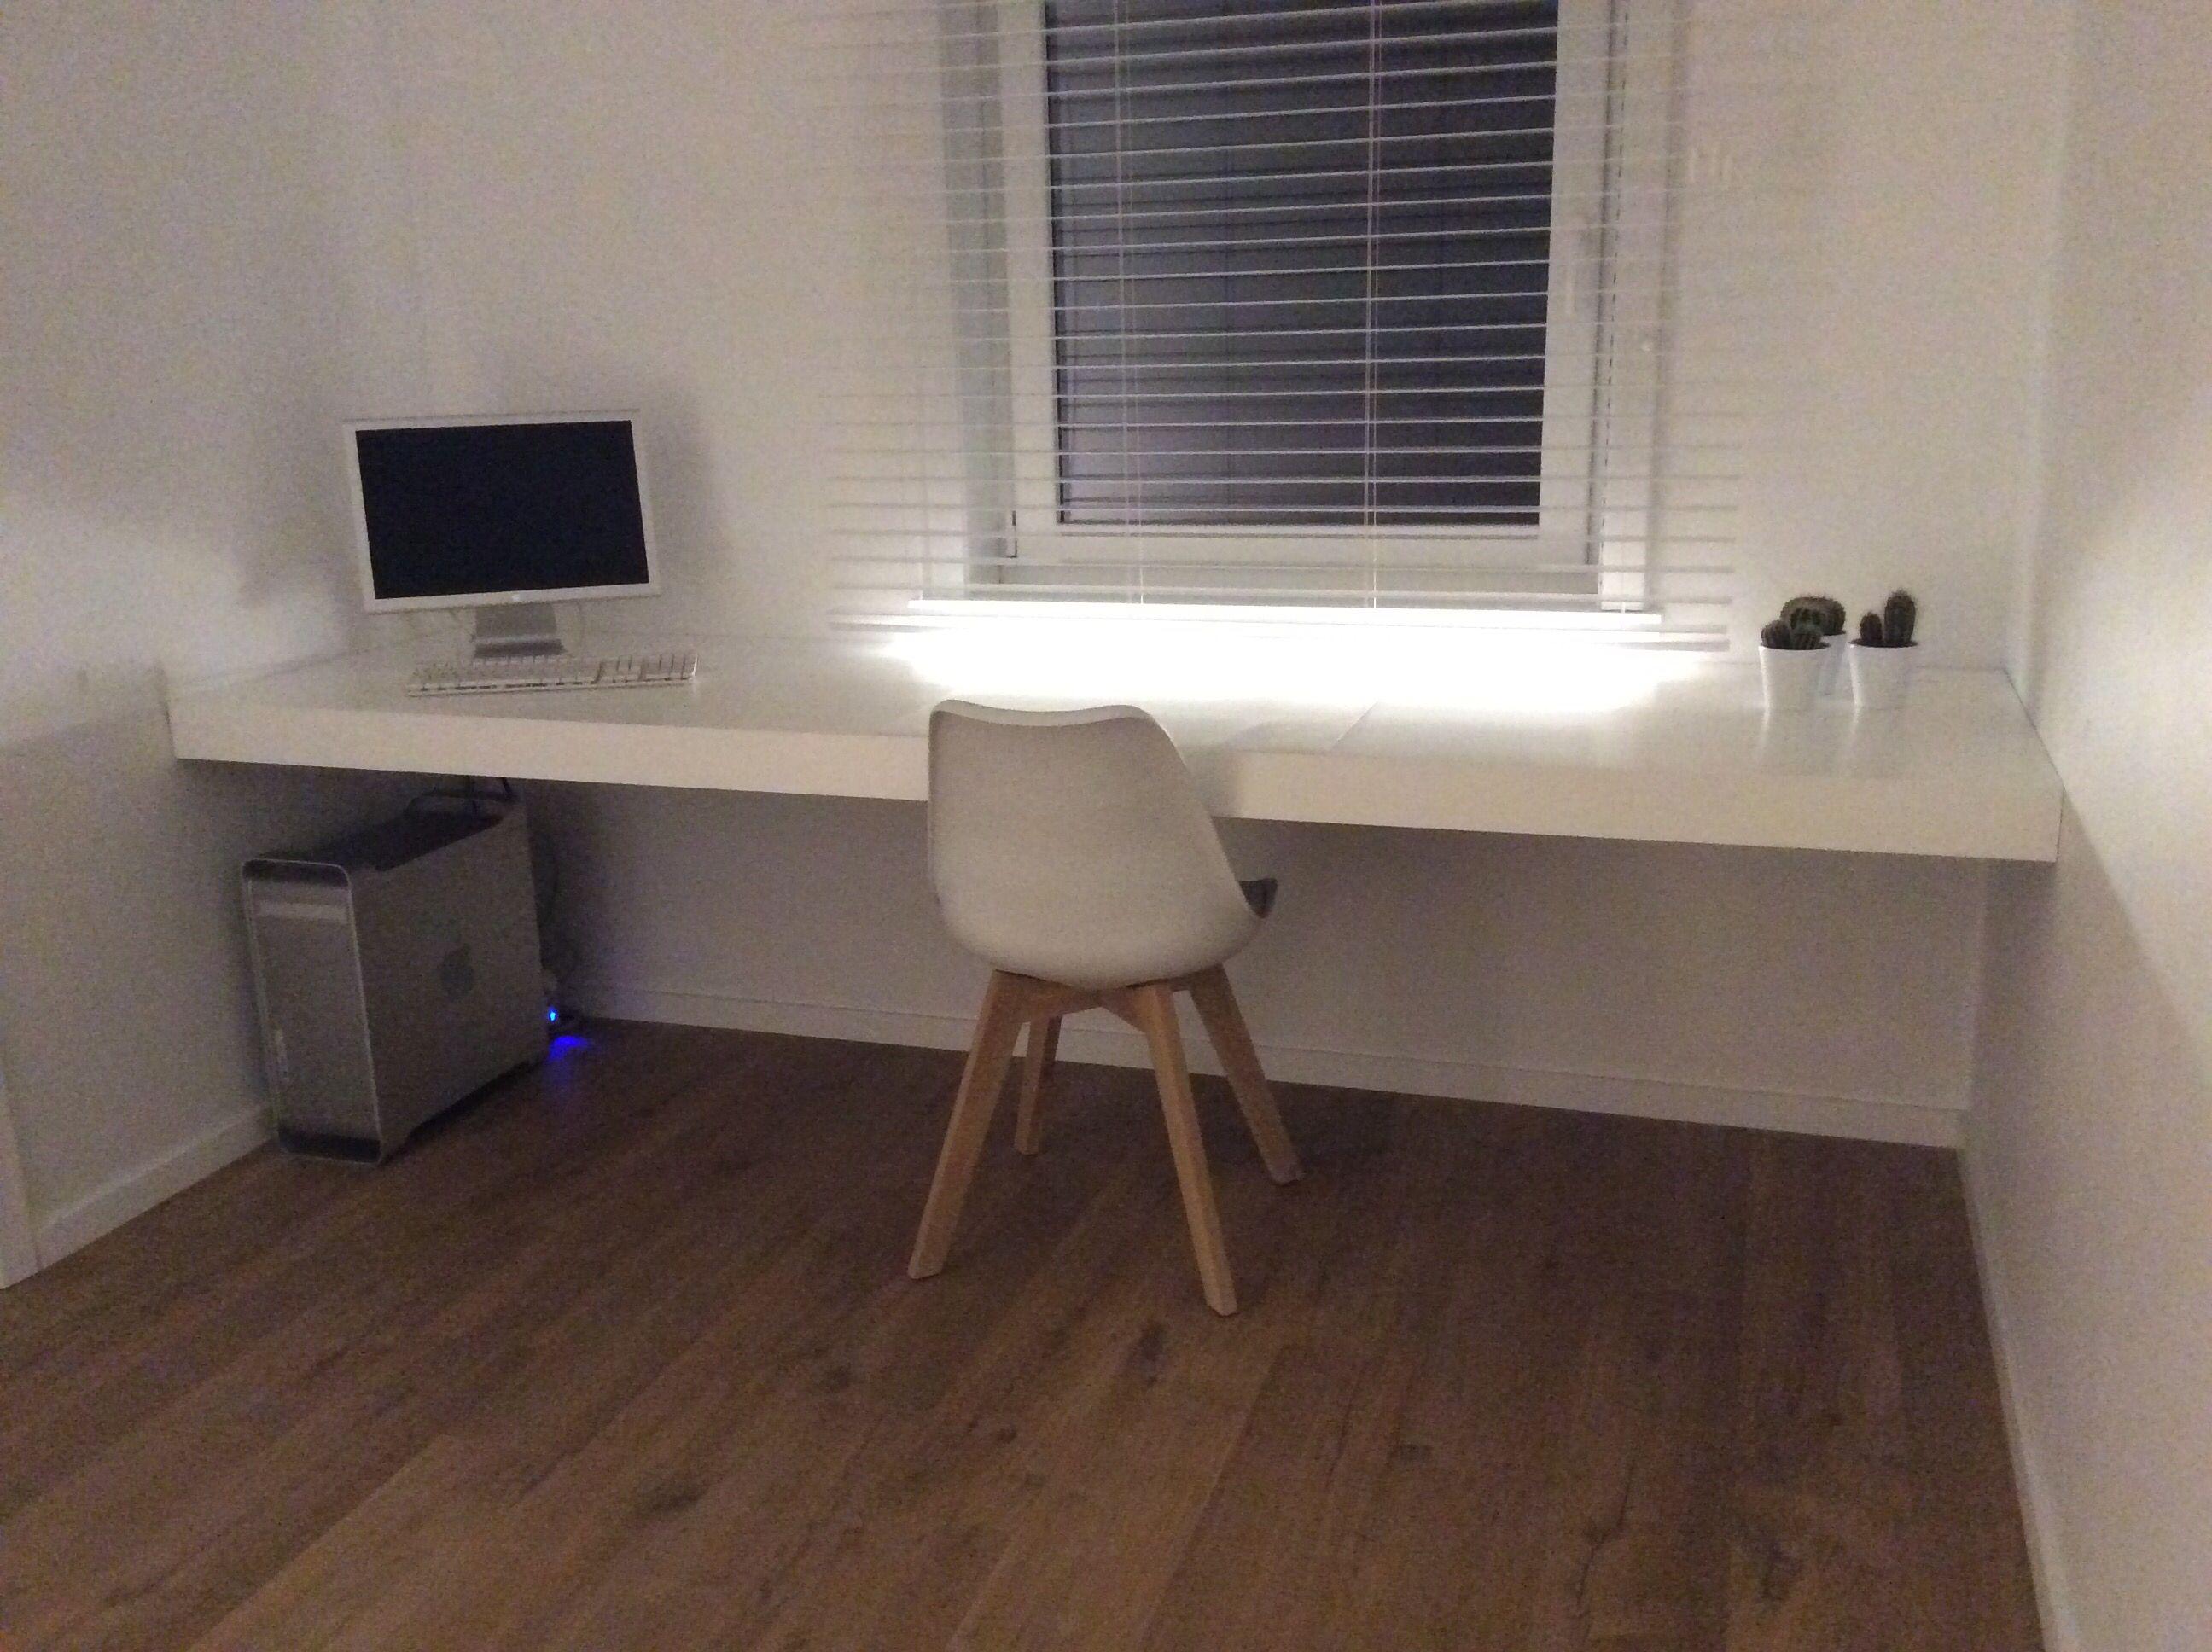 Bekend Zwevende #bureau zonder zichtbare steunen in #mdf | Apartment in XP64